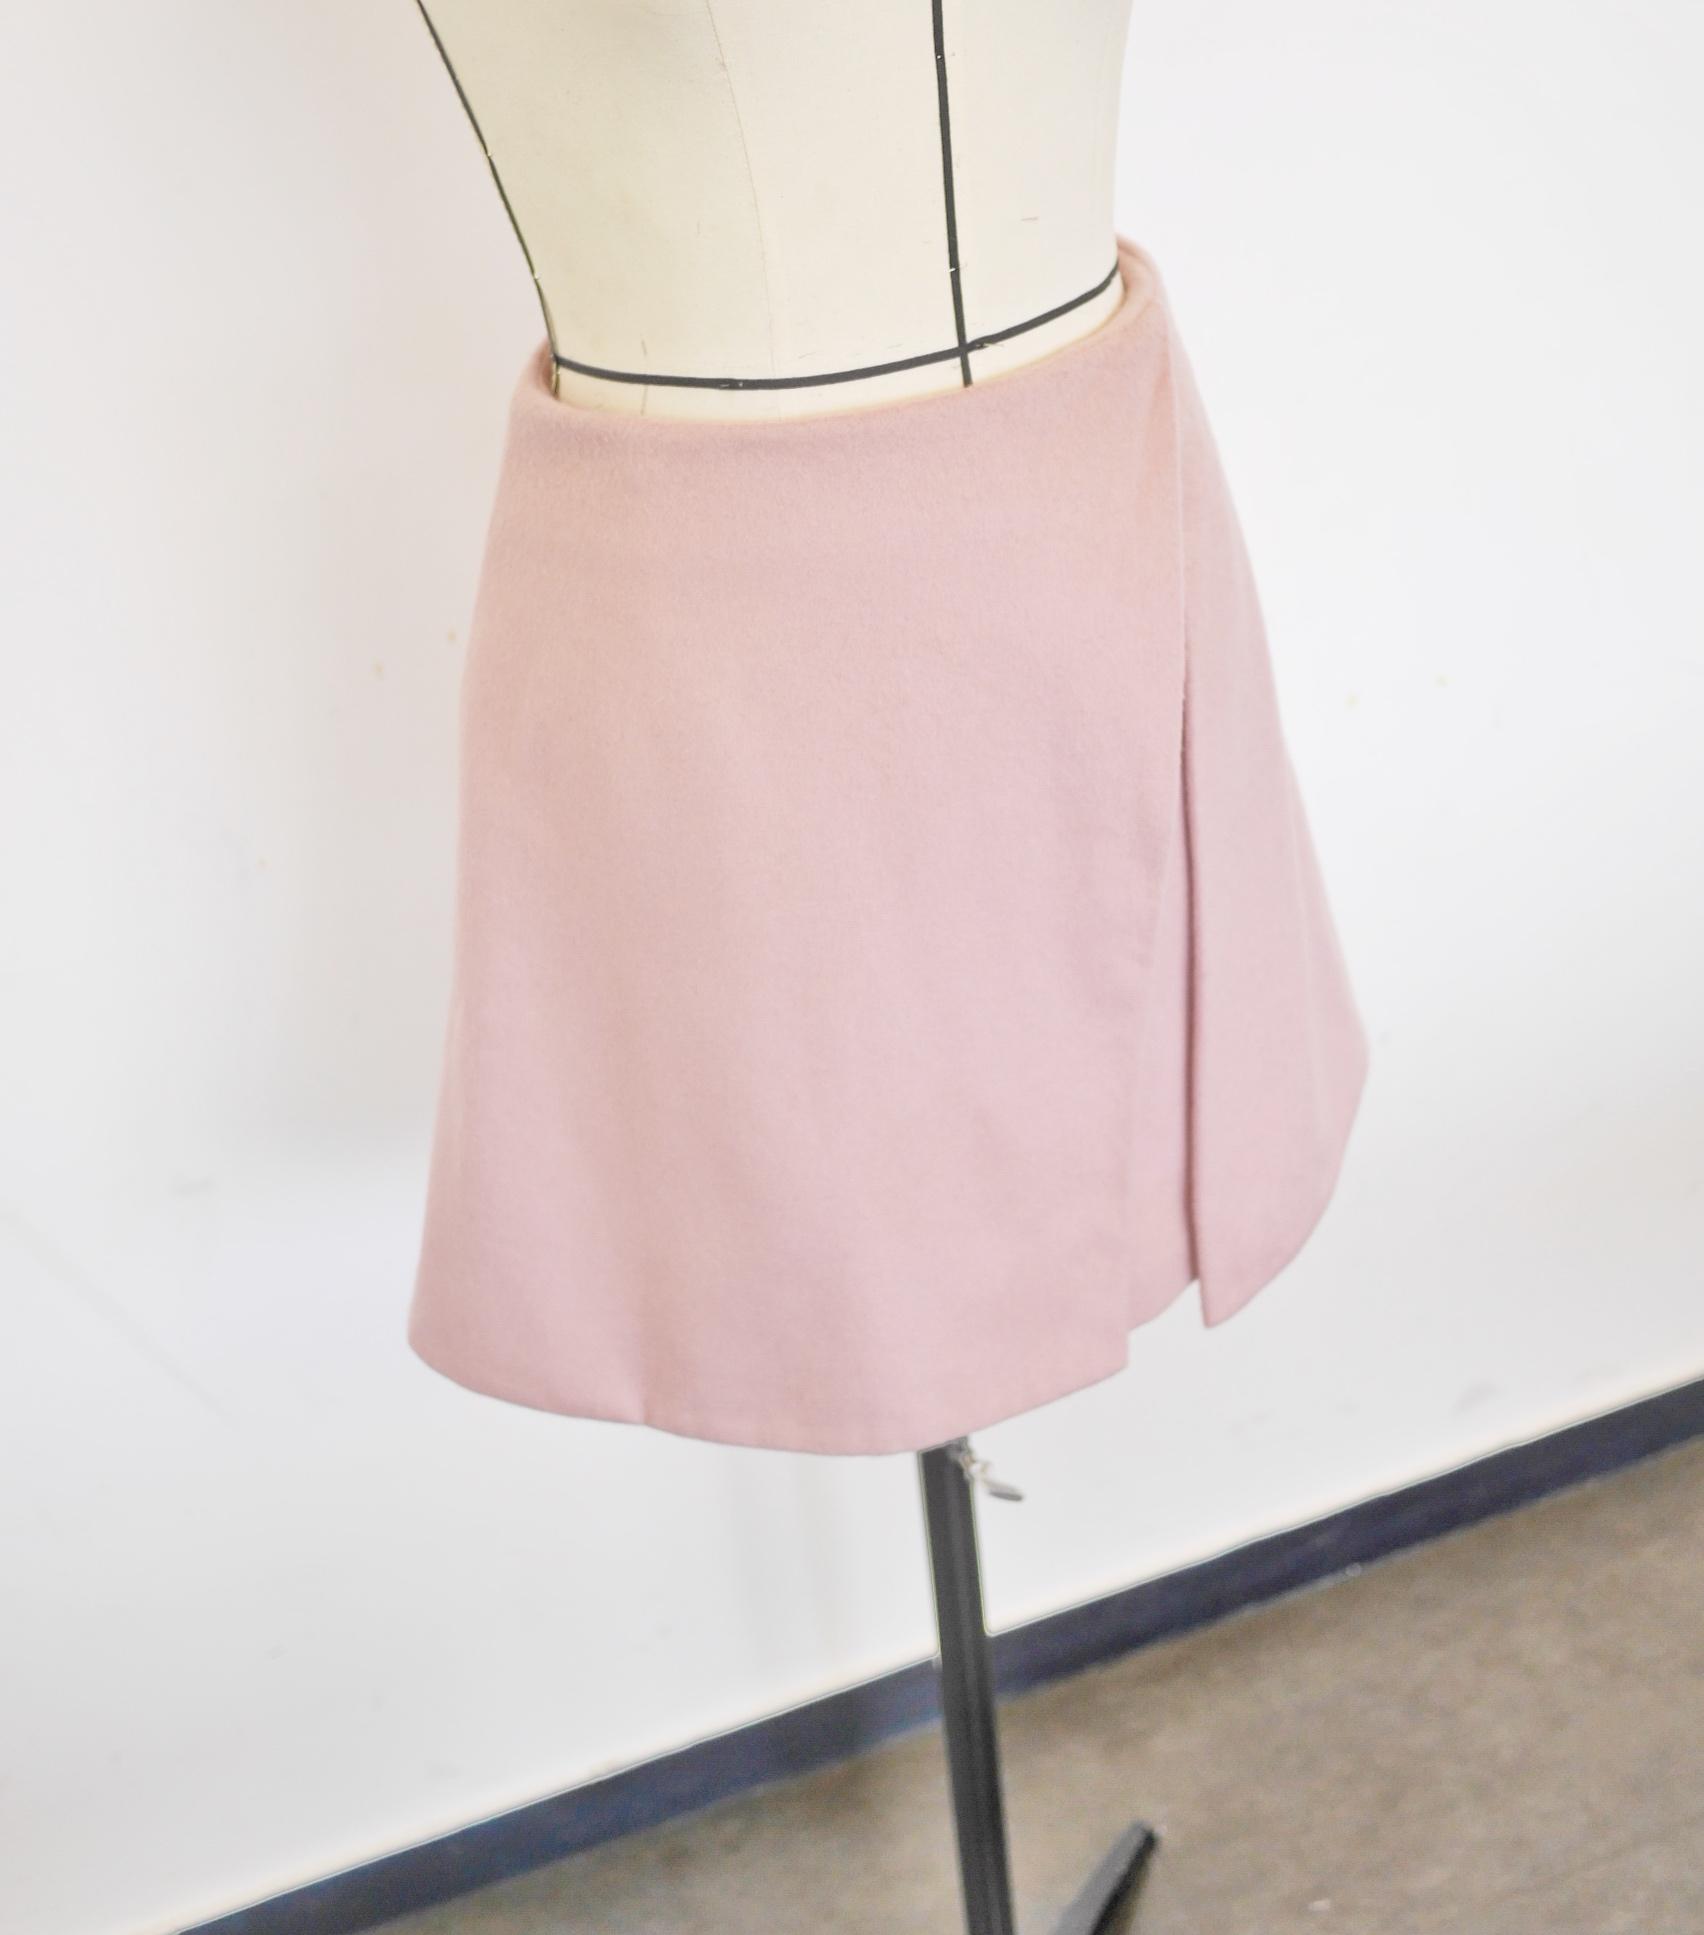 Pink Cashmir Skirt project